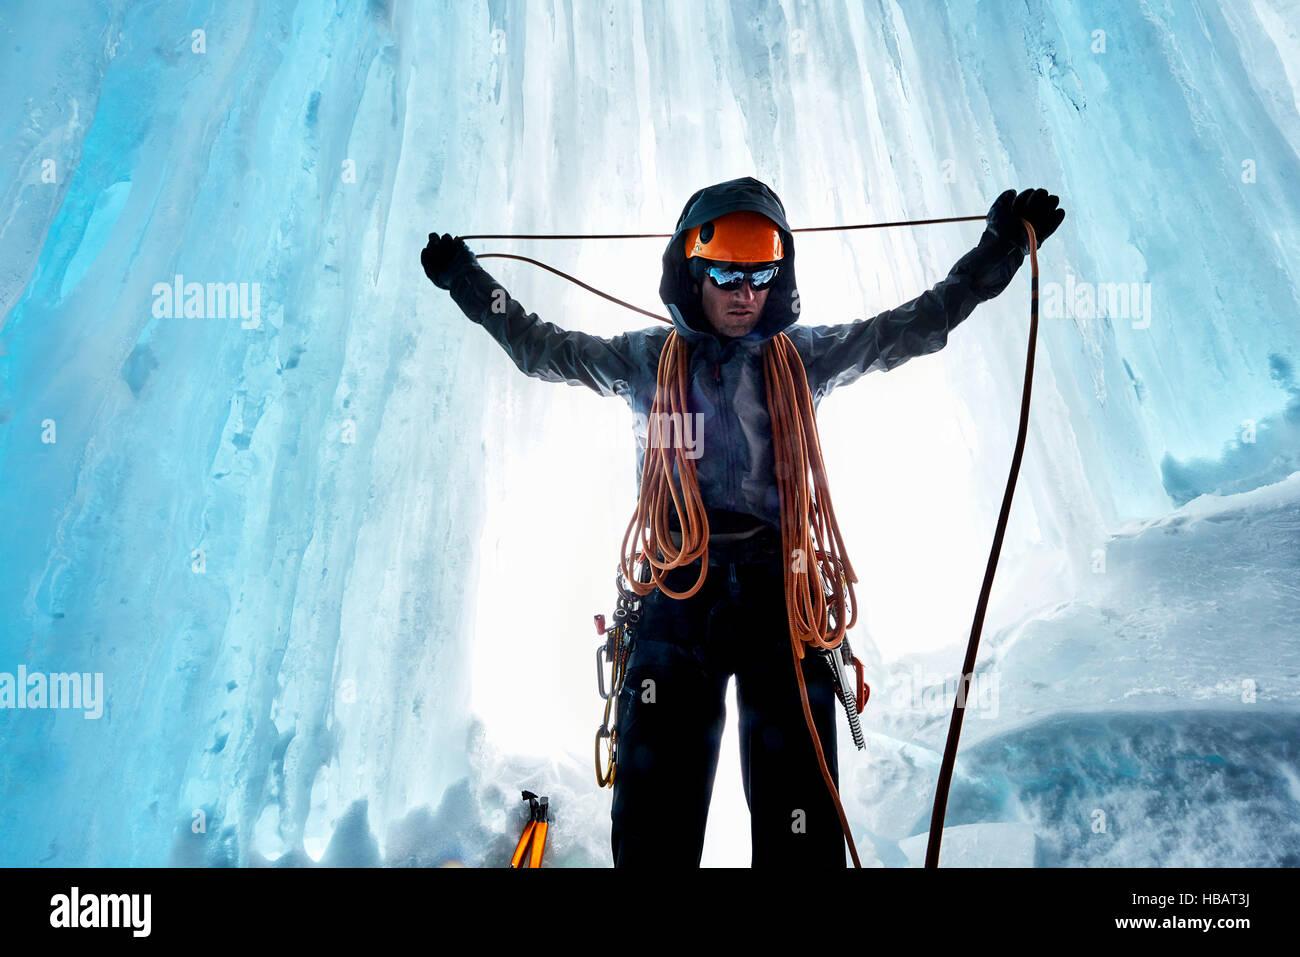 Mann im Eis Höhle Vorbereitung Kletterseil, Saas Fee, Schweiz Stockbild